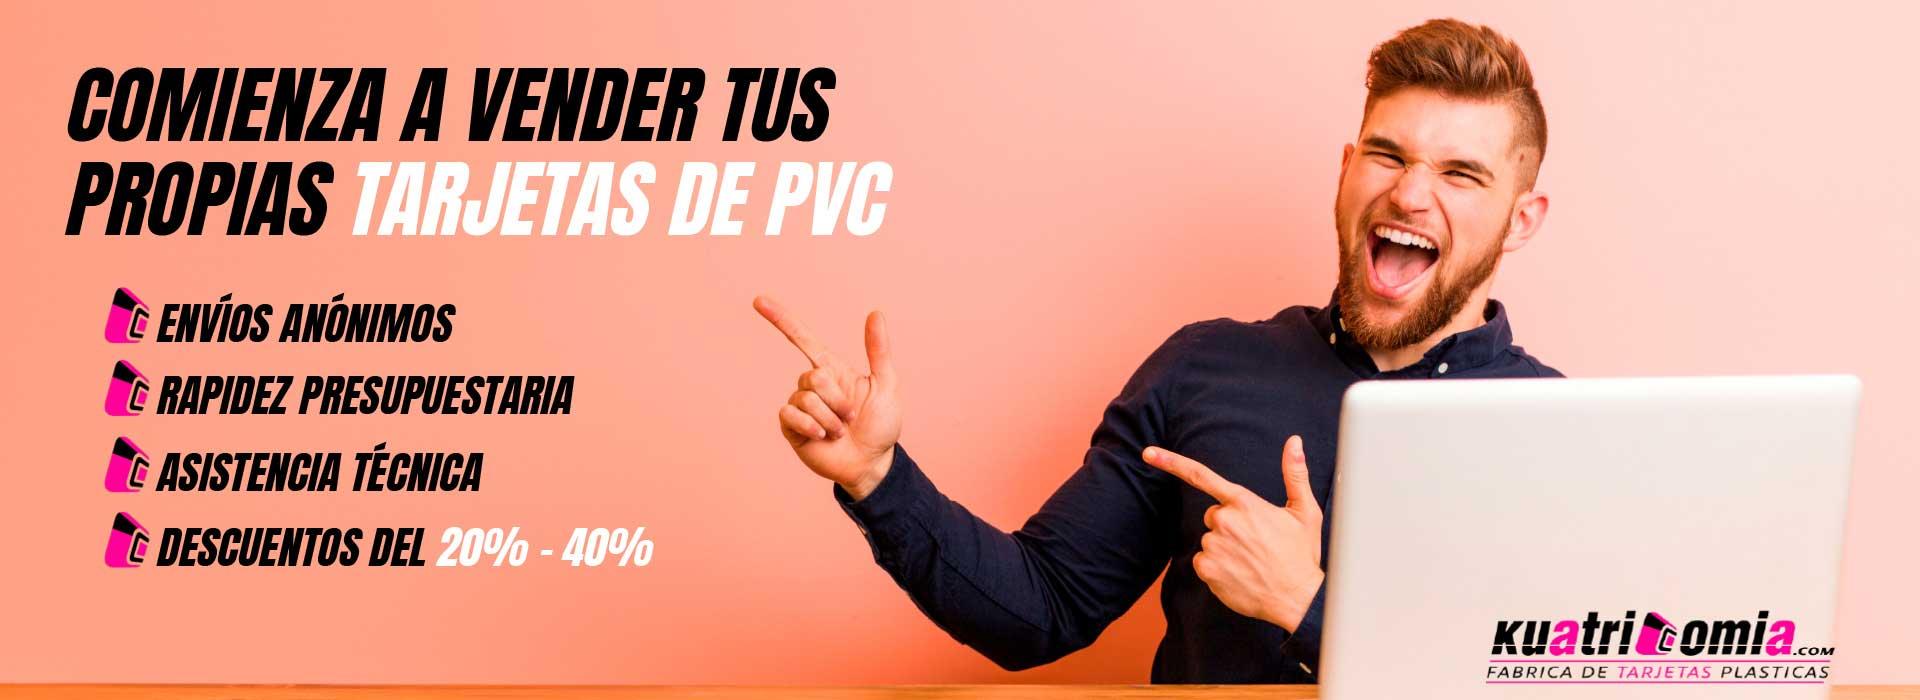 Ser_proveedor_tarjetas_plasticas.jpg